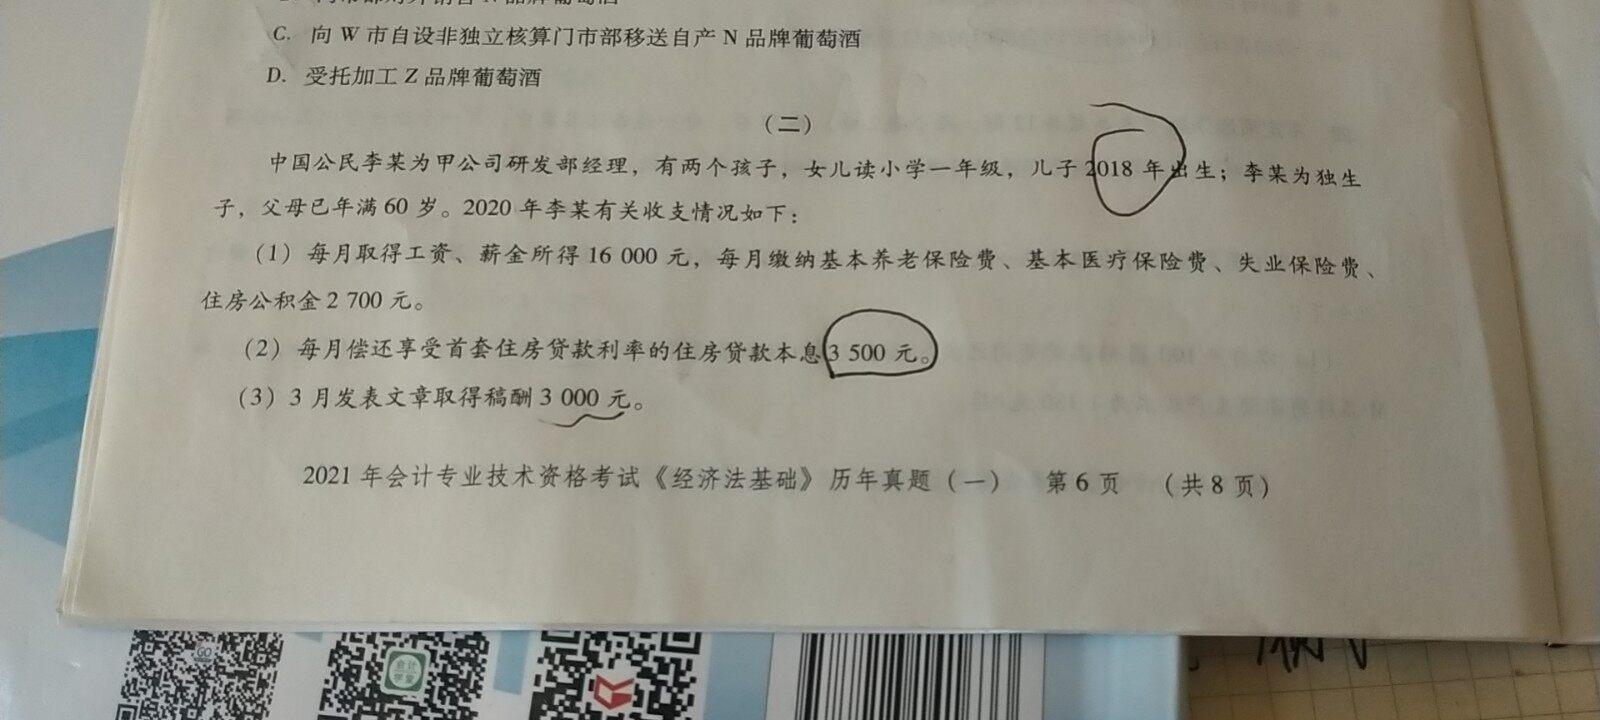 这个是完整的题目第二和第三题都讲一下谢谢